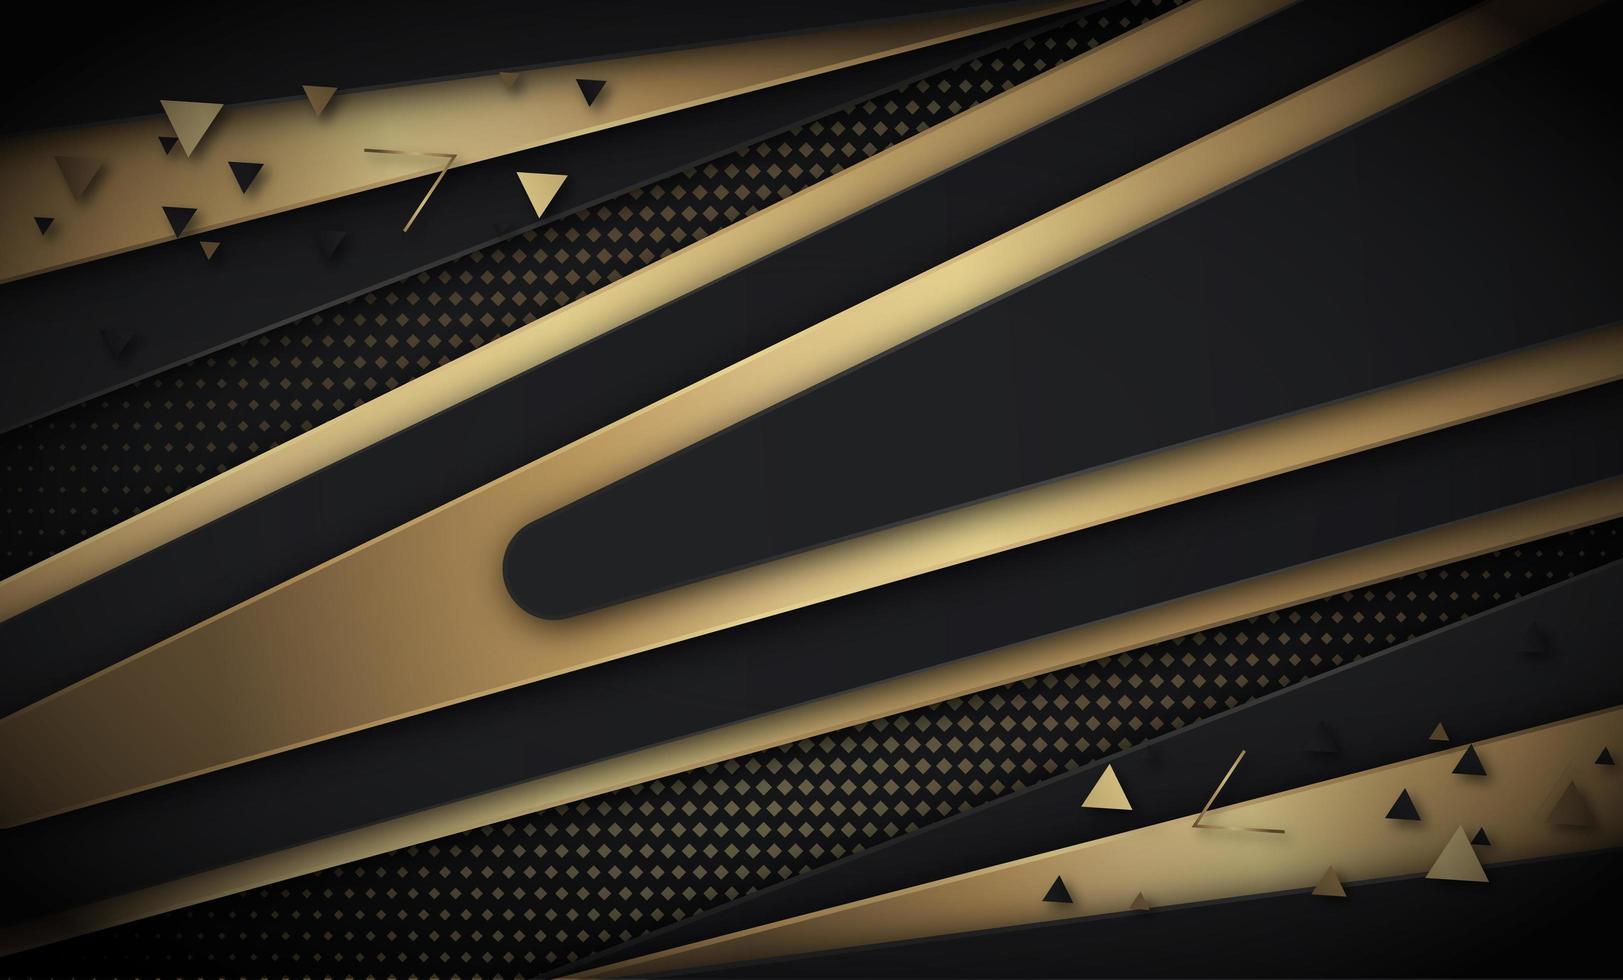 fond de v-formes diagonales noir et or vecteur